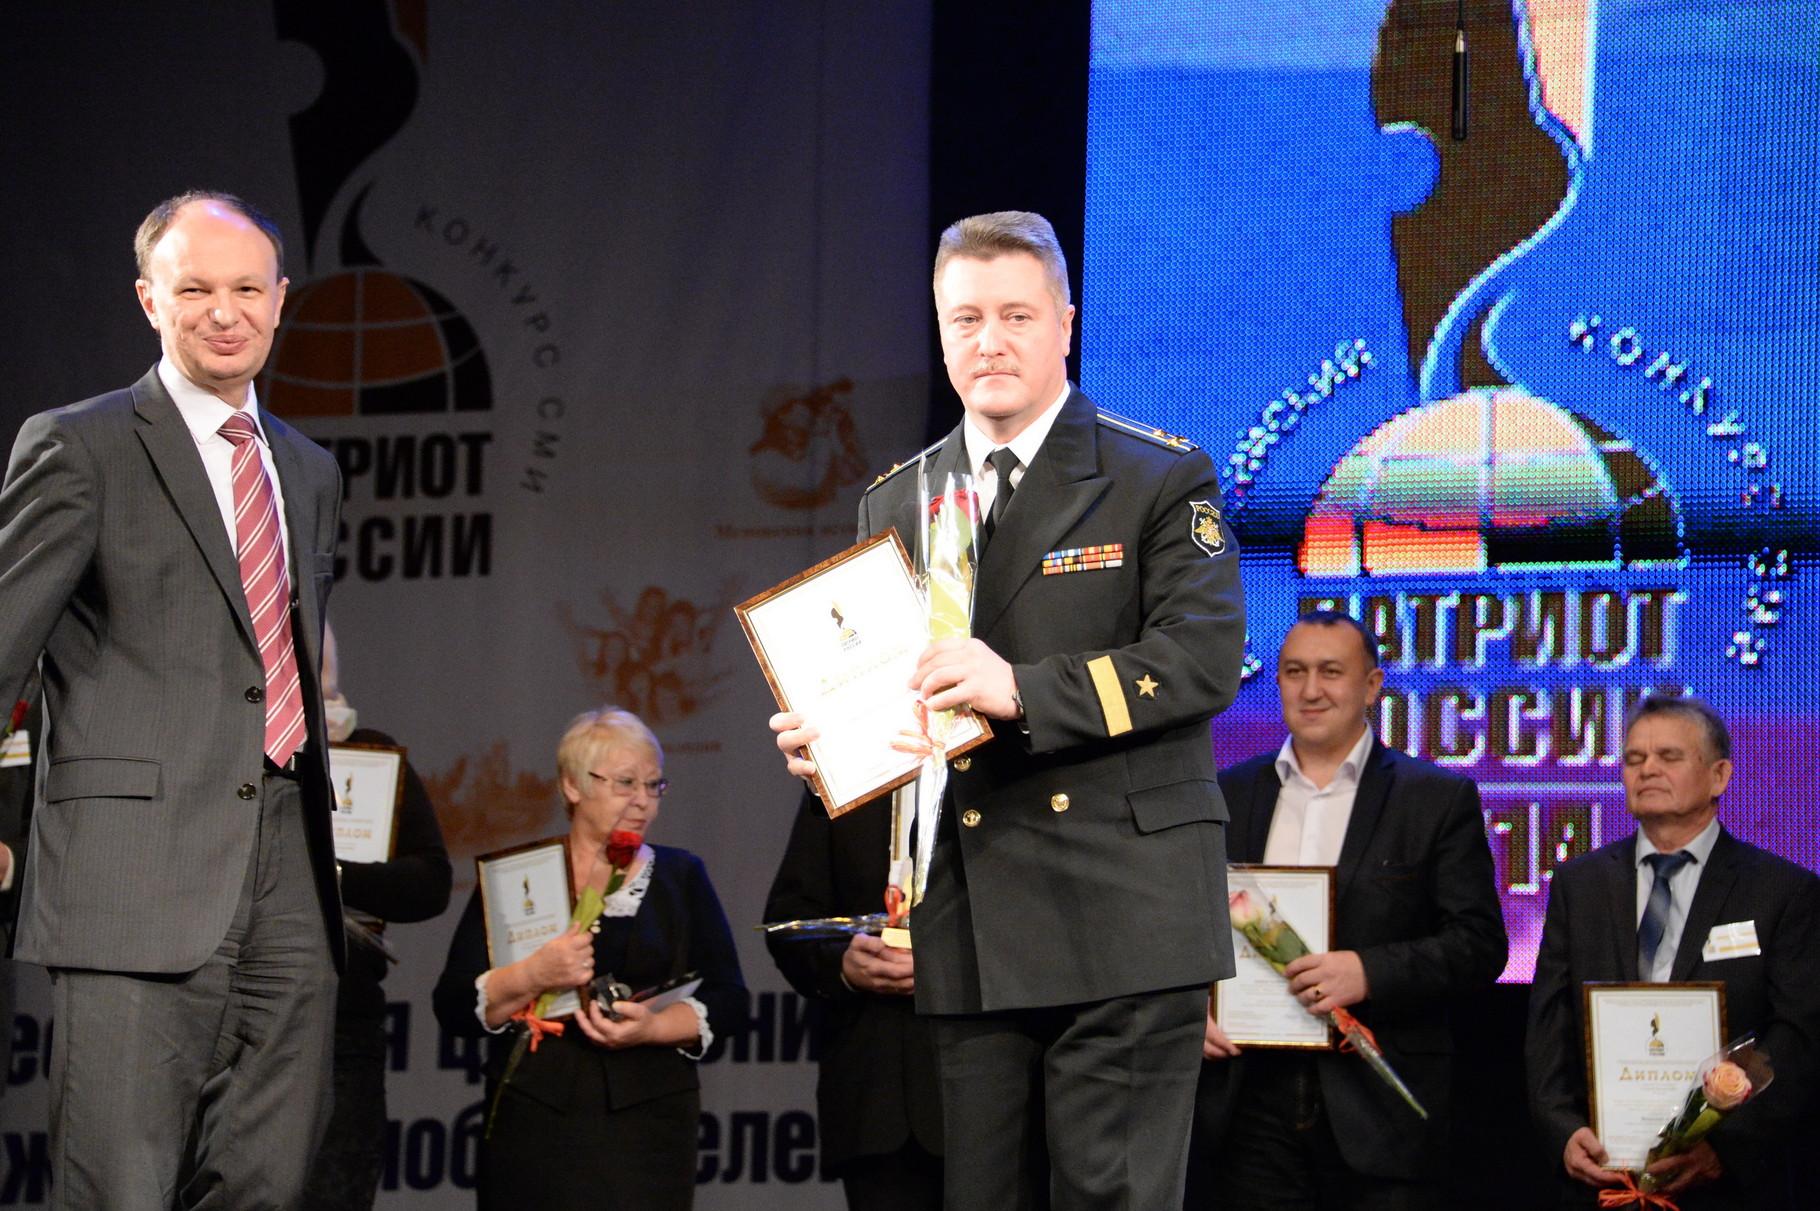 Капитан 1 ранга Михаил Севастьянов. Фото Павла Герасимова